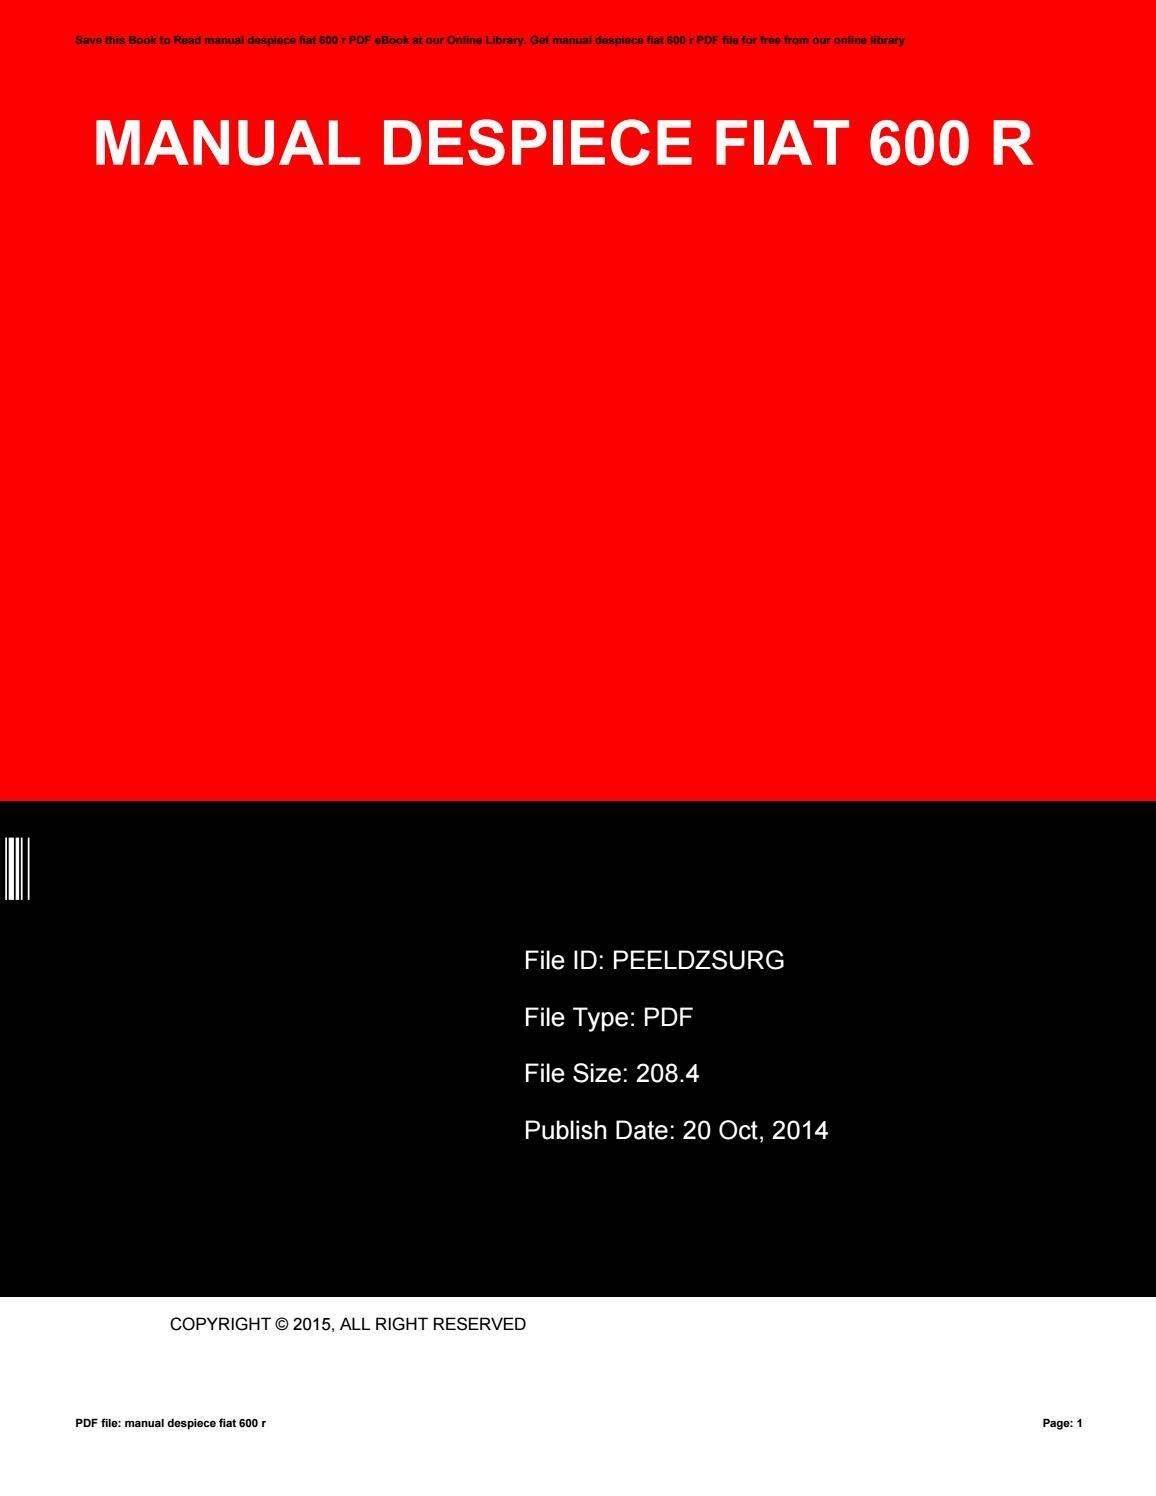 Manual despiece fiat 600 r by ChristopherBrewton2374 - issuu